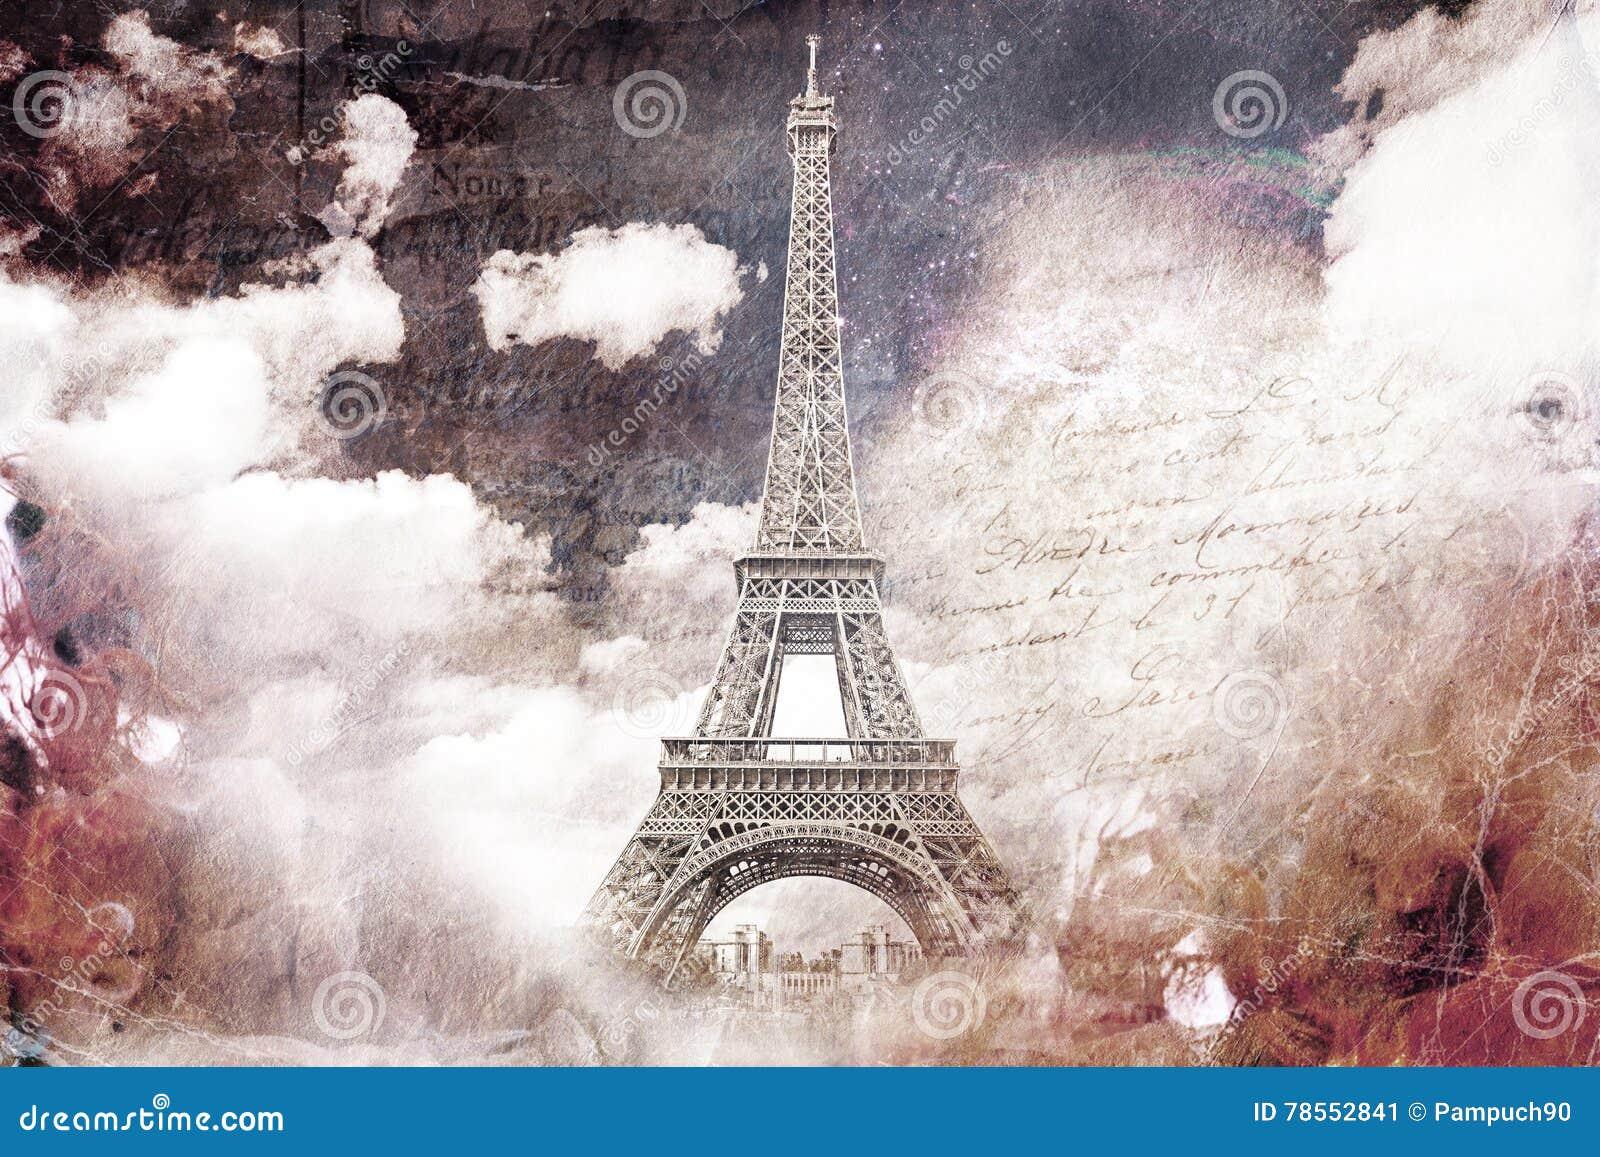 Arte digitale astratta della torre Eiffel a Parigi Vecchio documento Cartolina, alta risoluzione, stampabile su tela